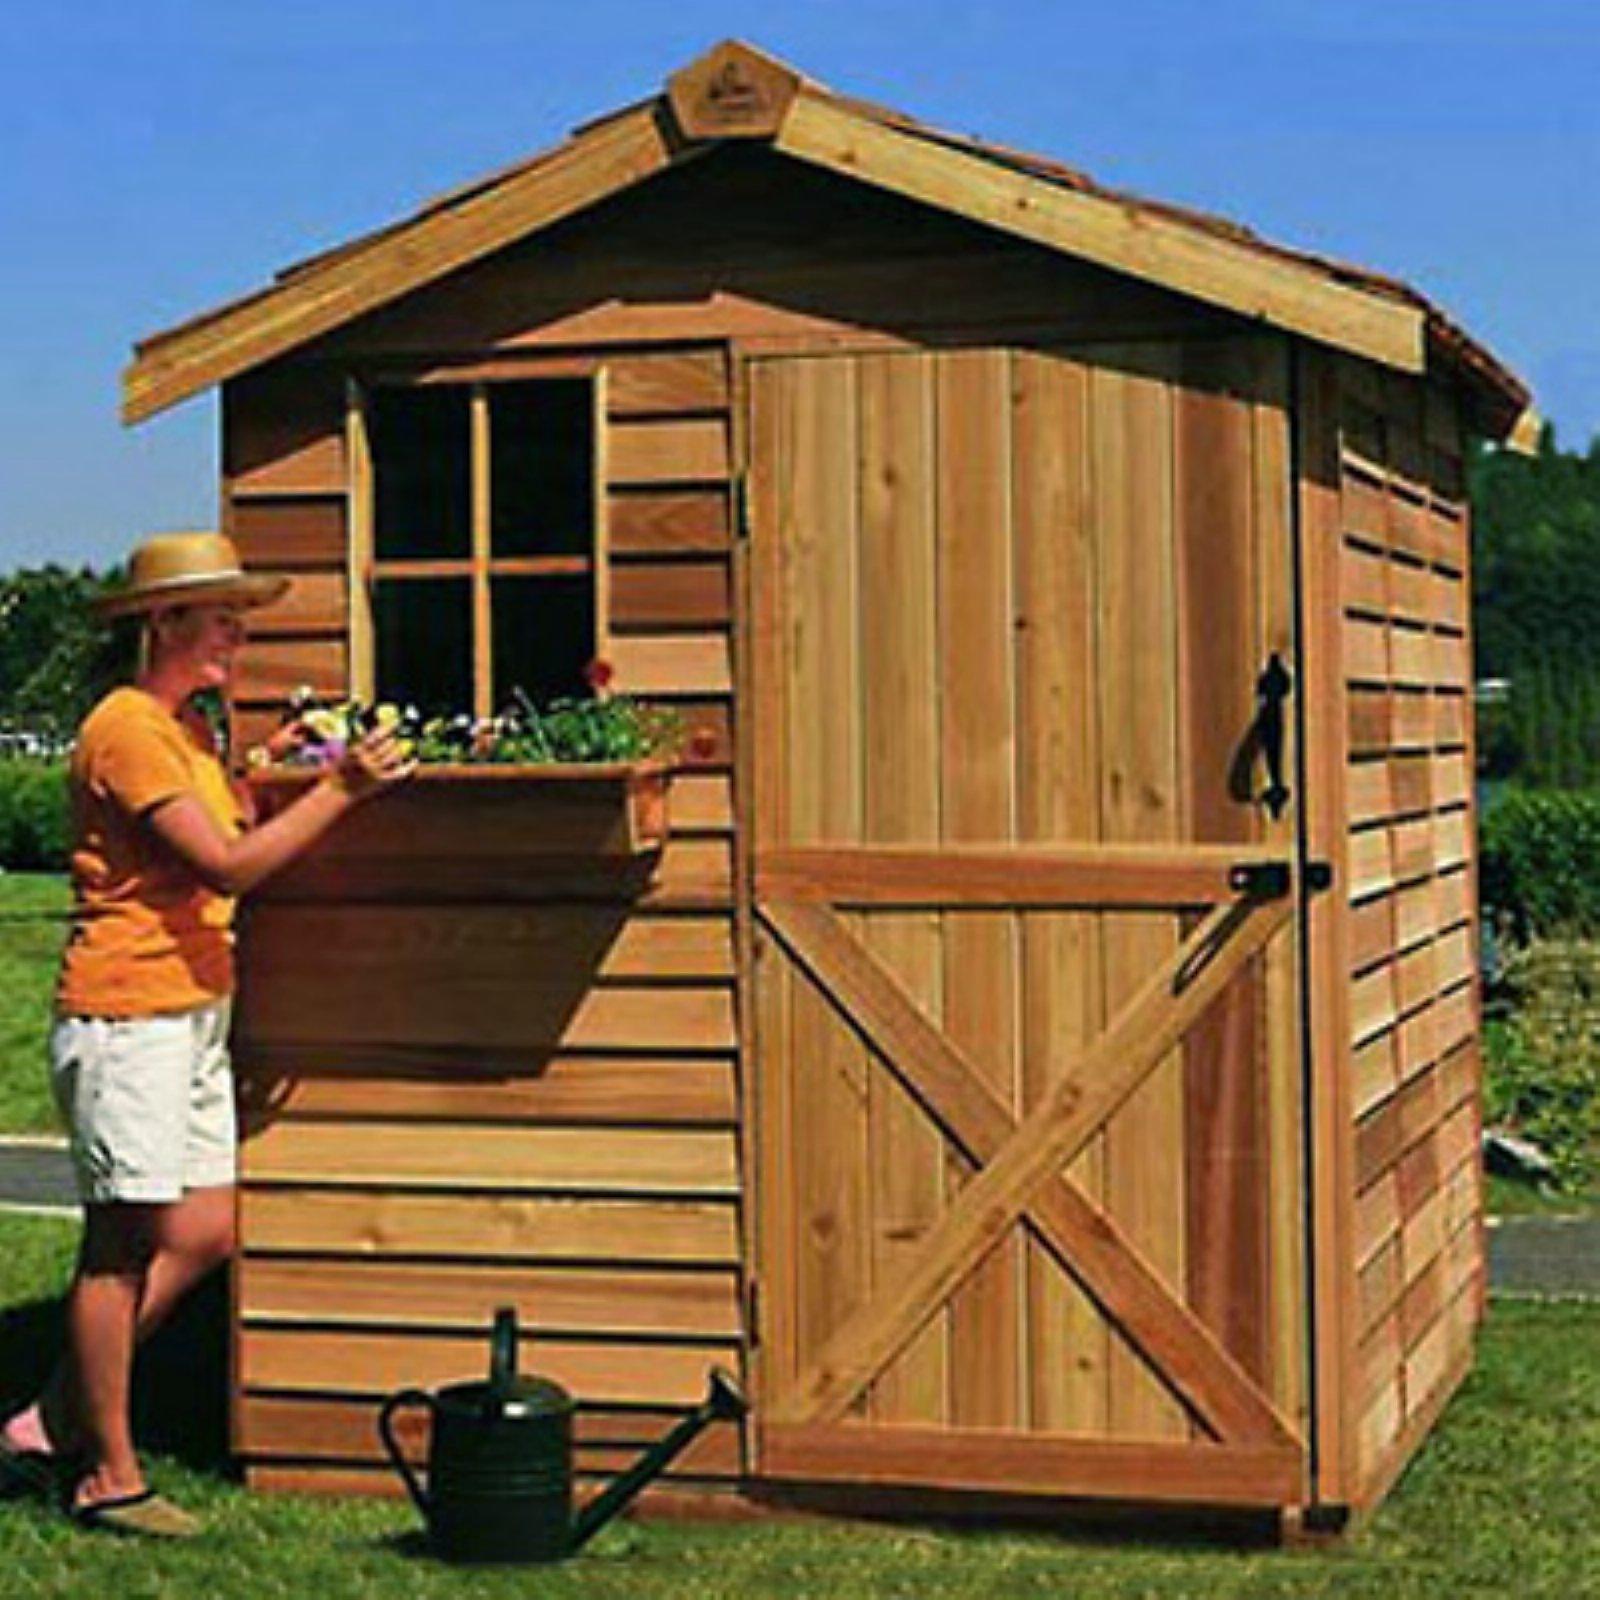 Cedar Shed 8 x 12 ft. Gardener Storage Shed